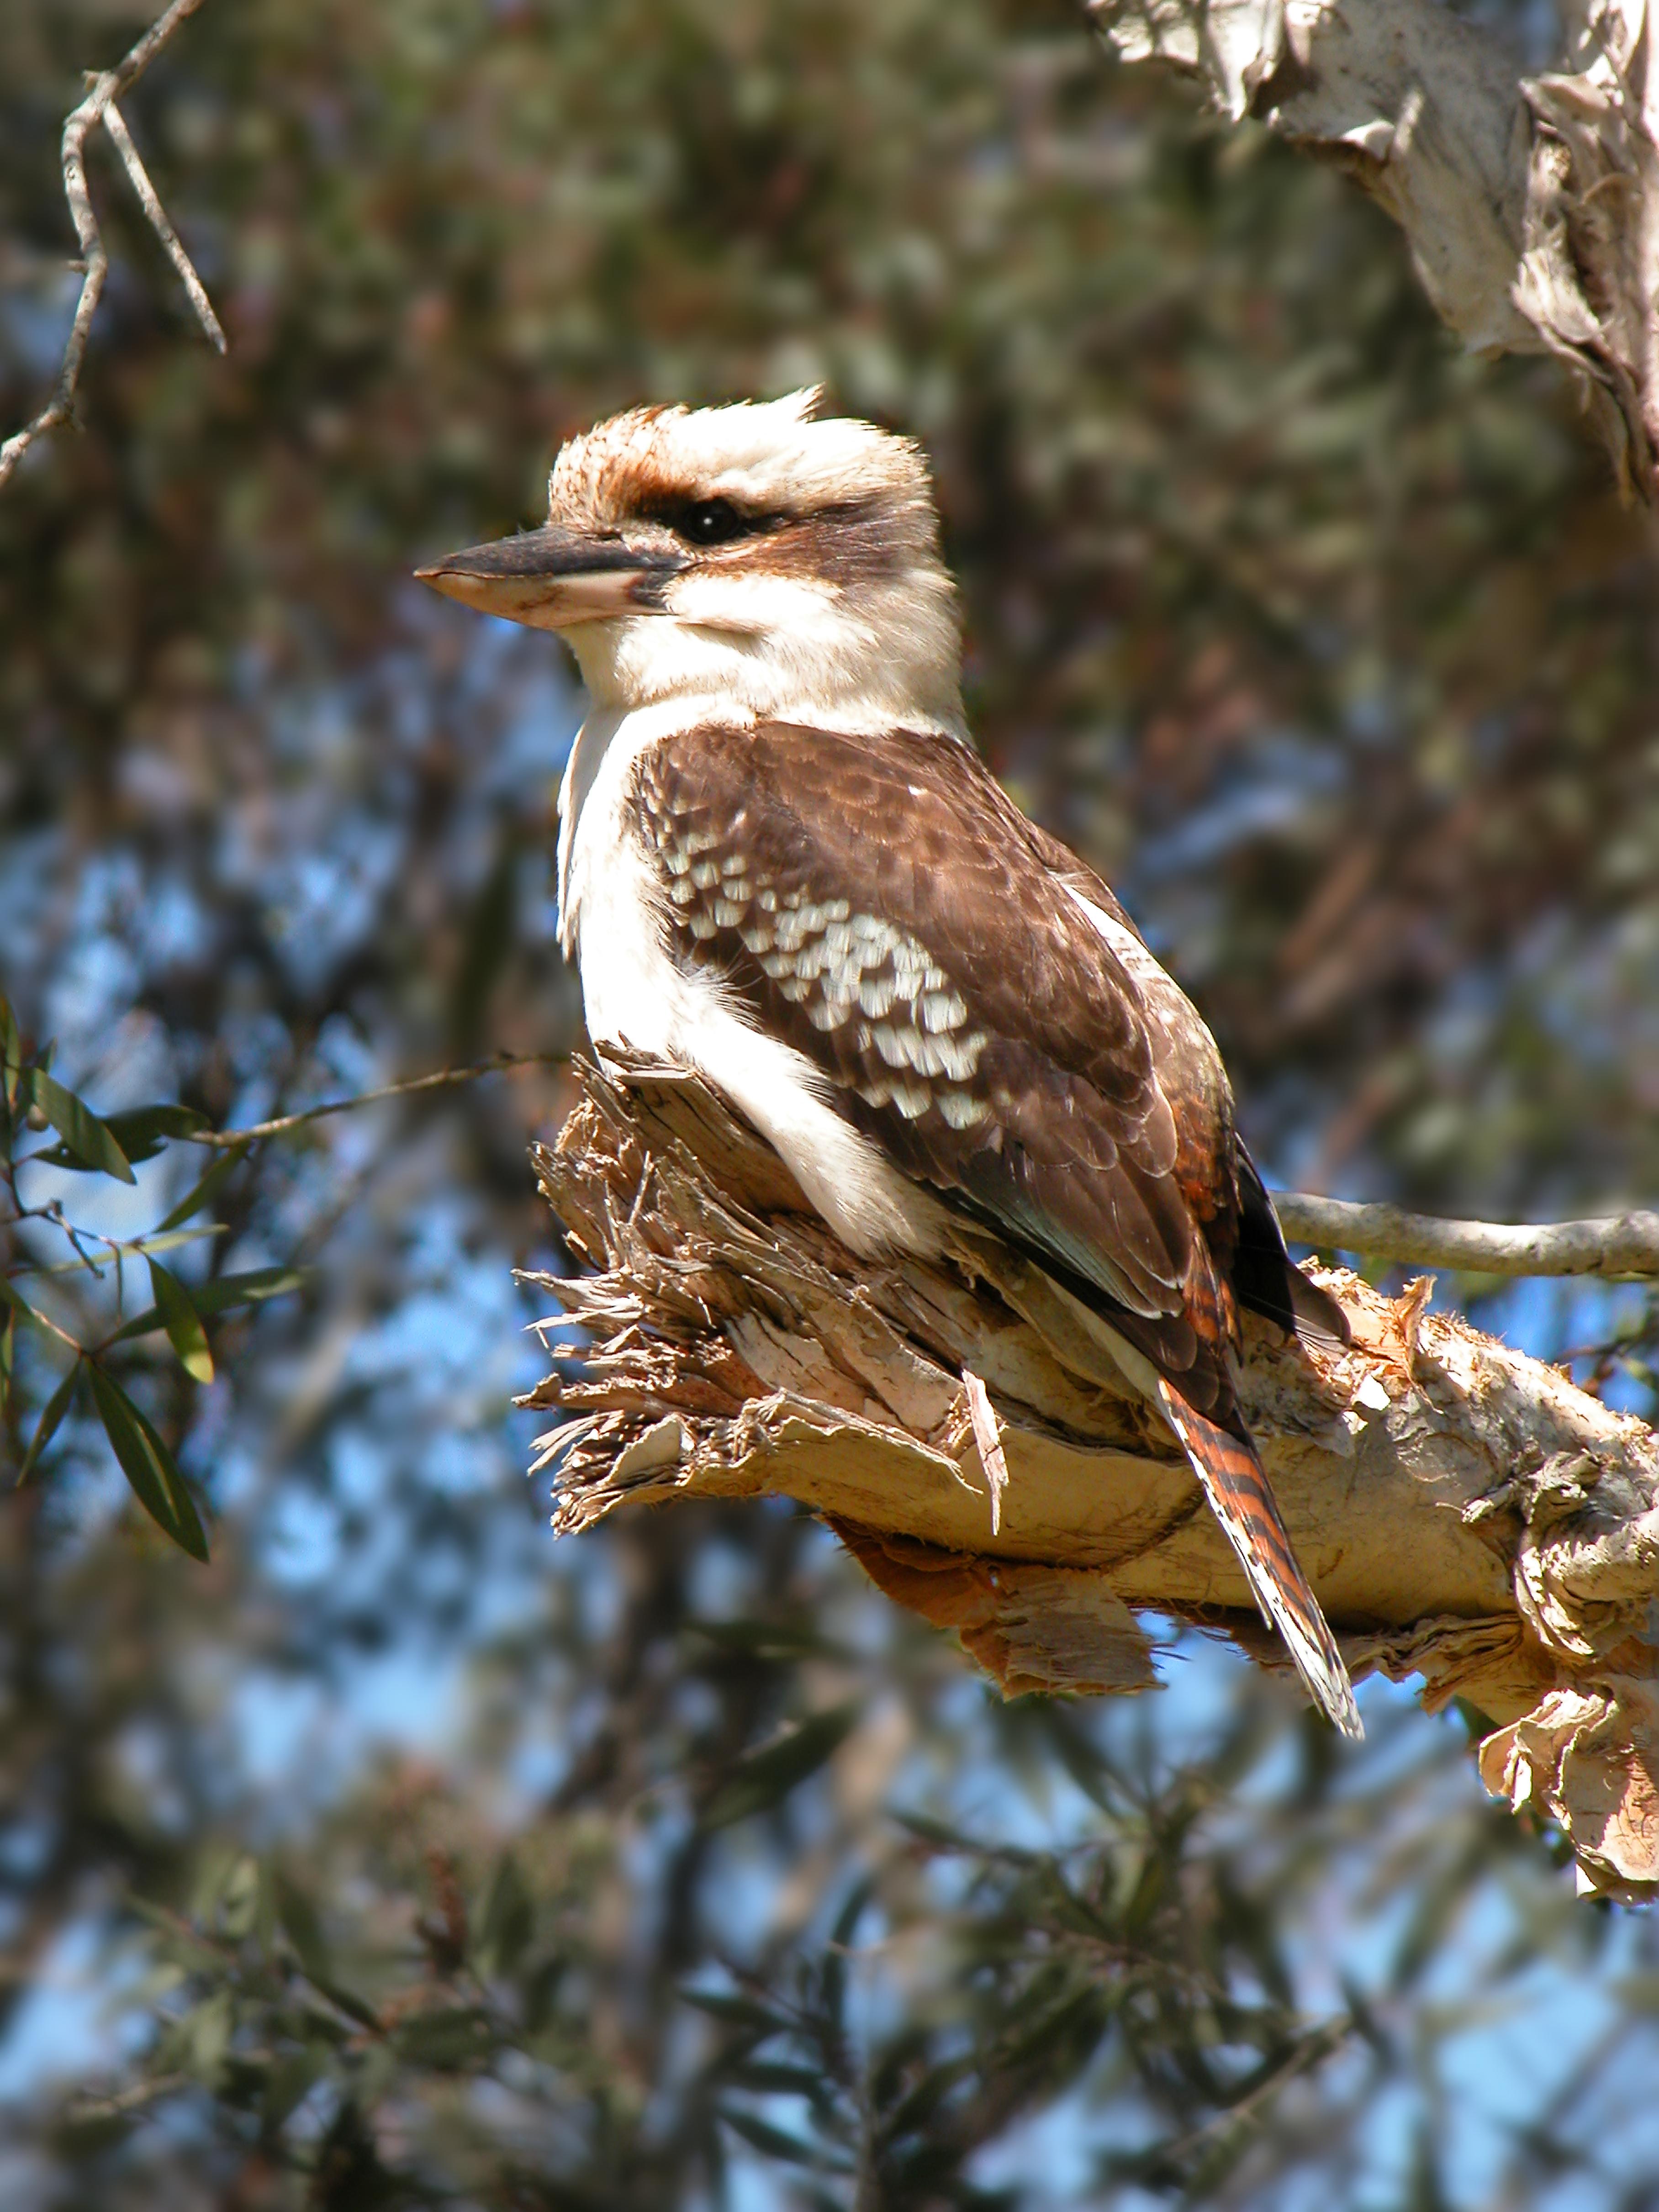 A20 Kookaburra